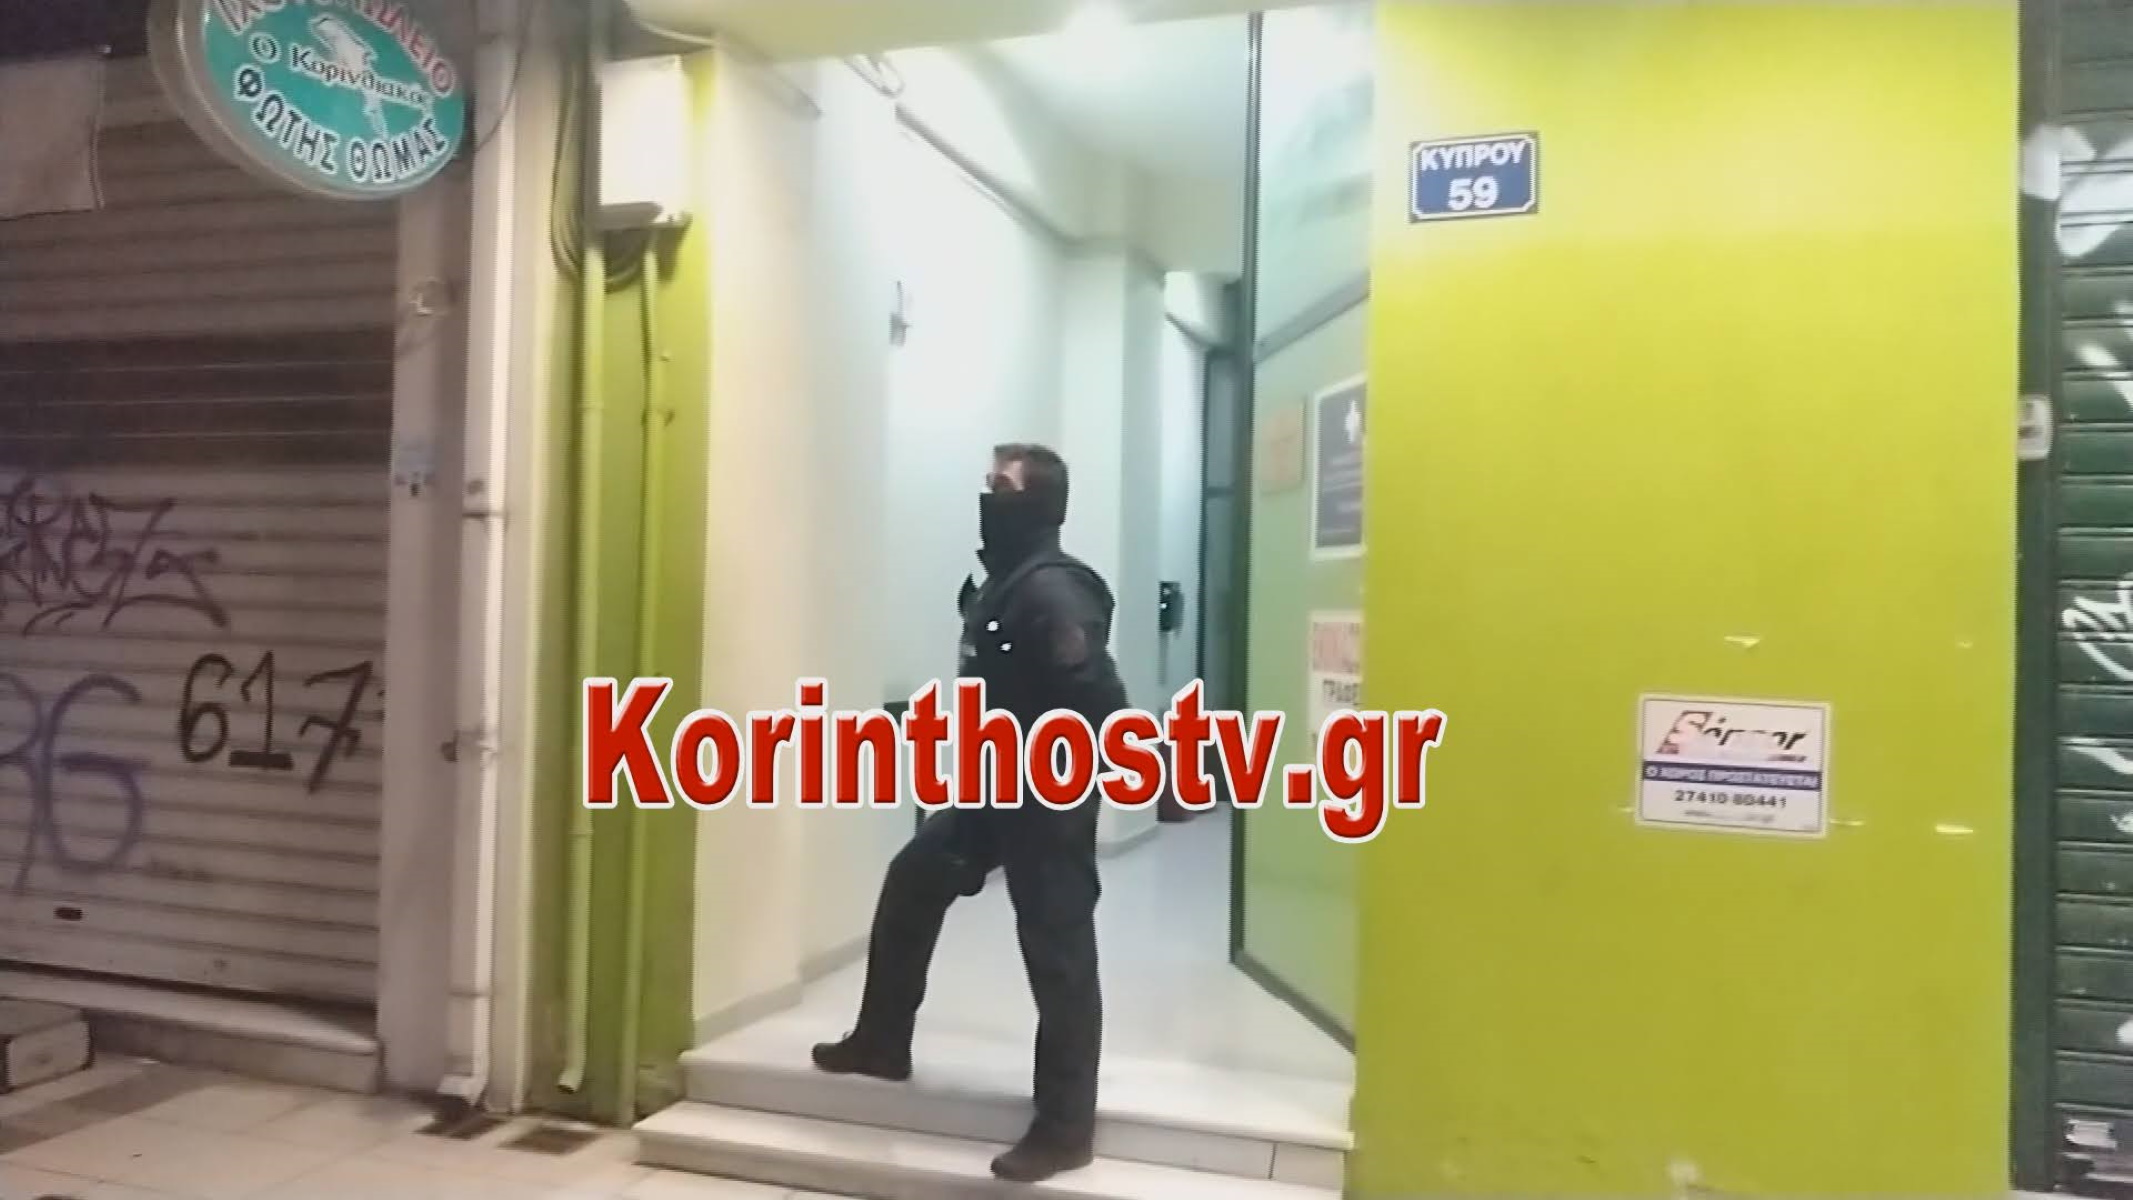 Κόρινθος: Επίθεση με γκαζάκι στο γραφείο της βουλευτή Μαριλένας Σούκουλη (pics, video)